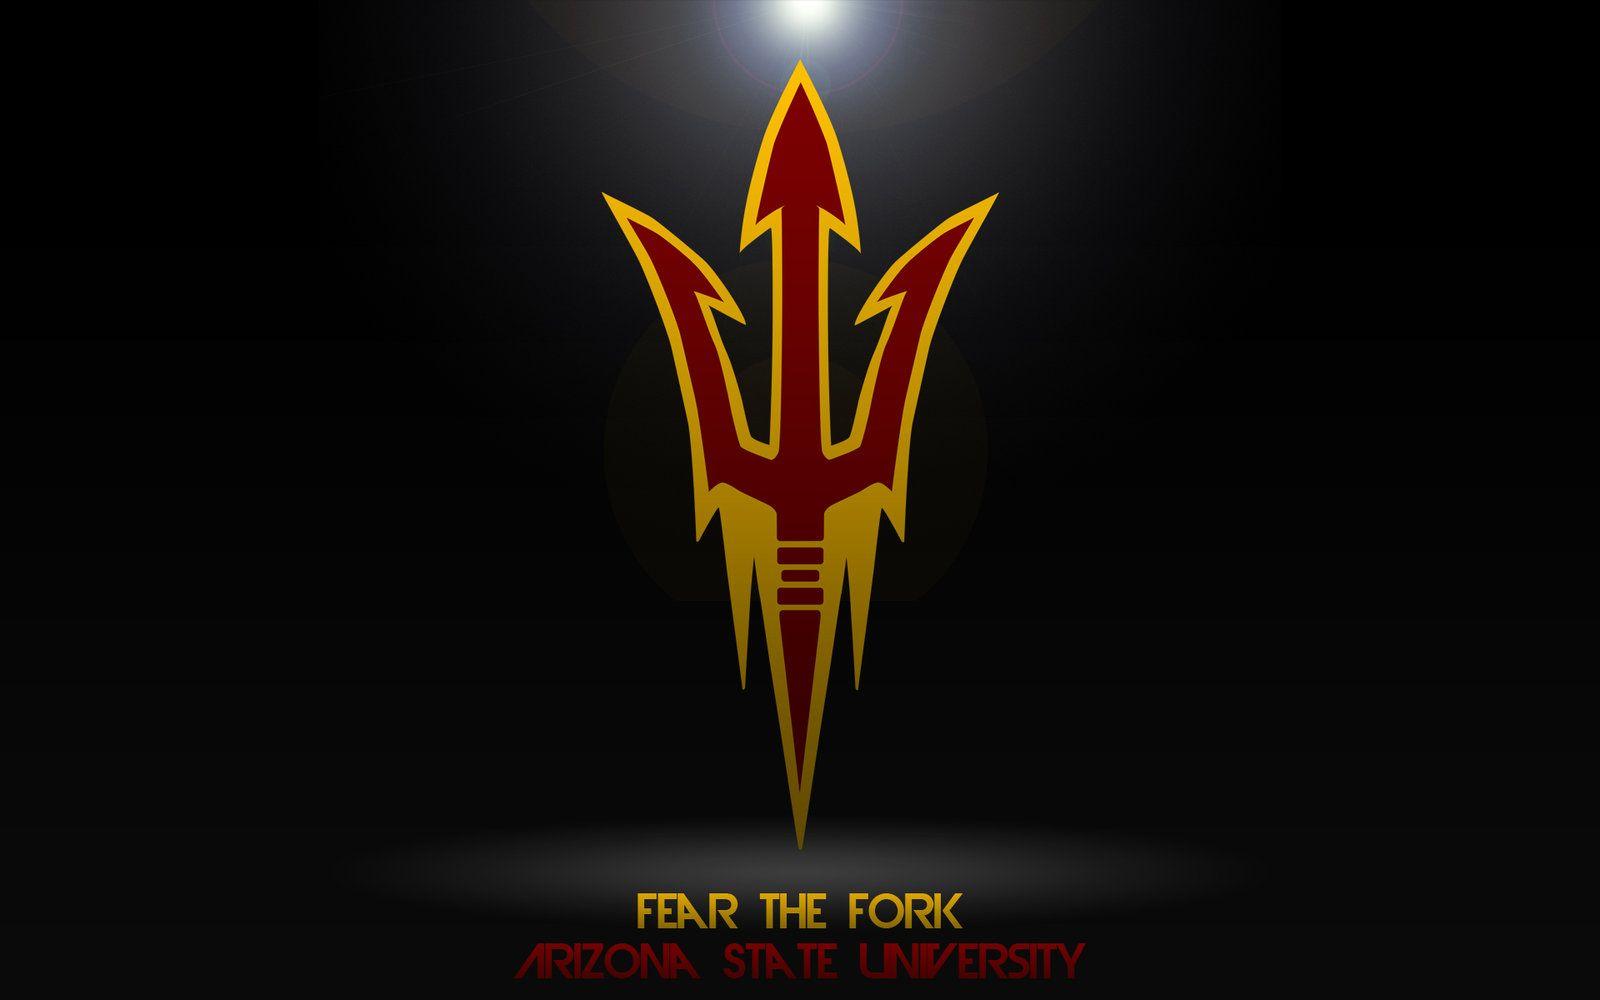 University Of Arizona Desktop Wallpapers 1600x1000